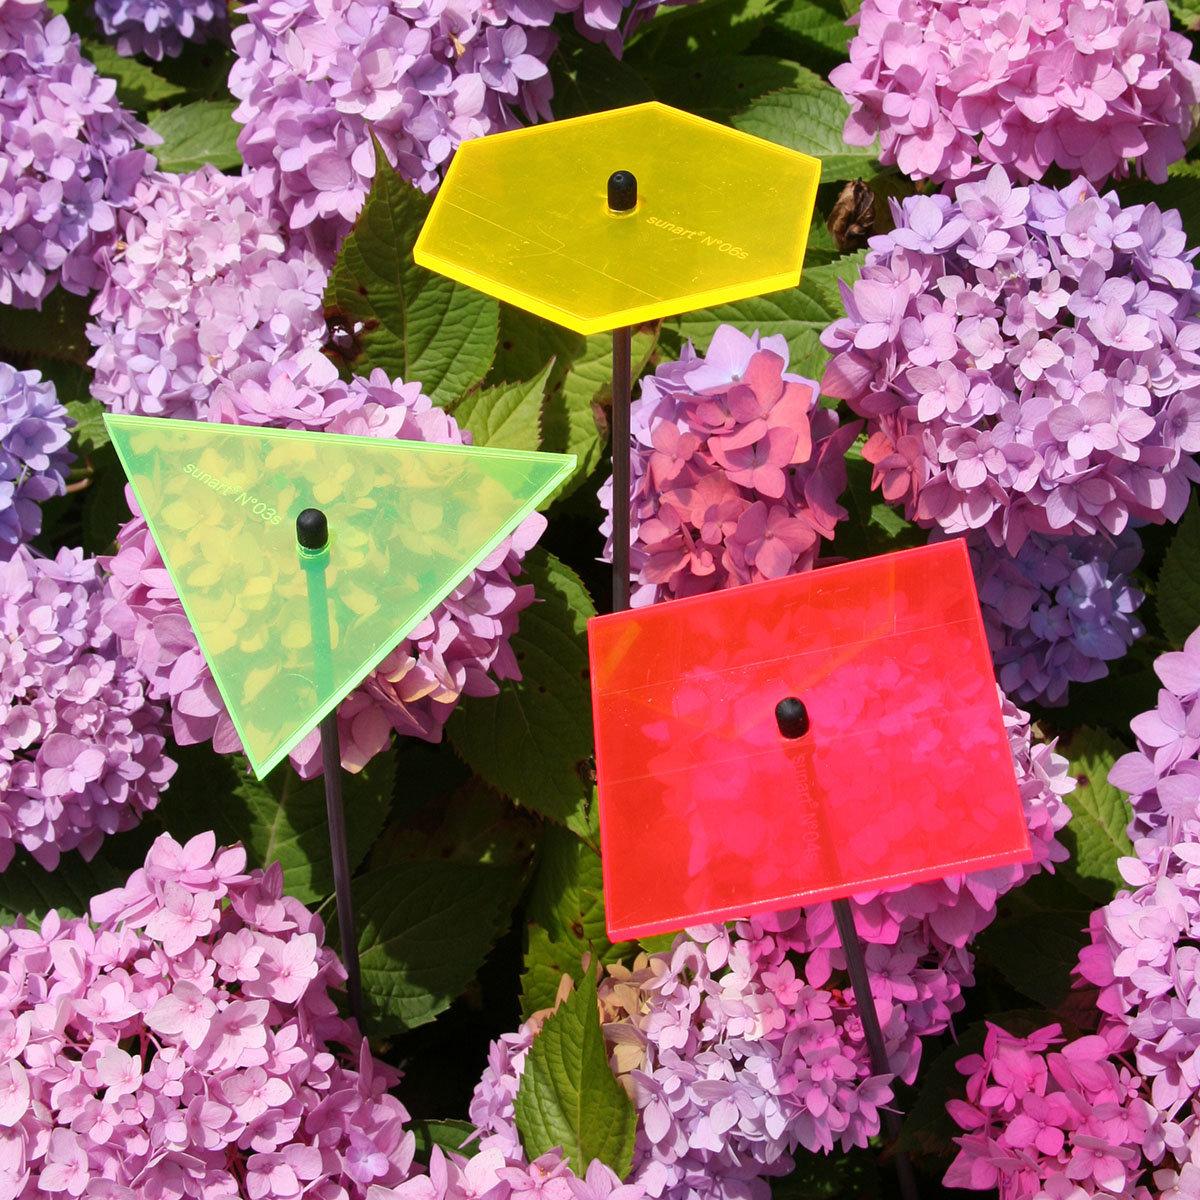 sunart® Acrylglas Lichtfänger 3er-Set, Sechseck, Quadrat, Dreieck